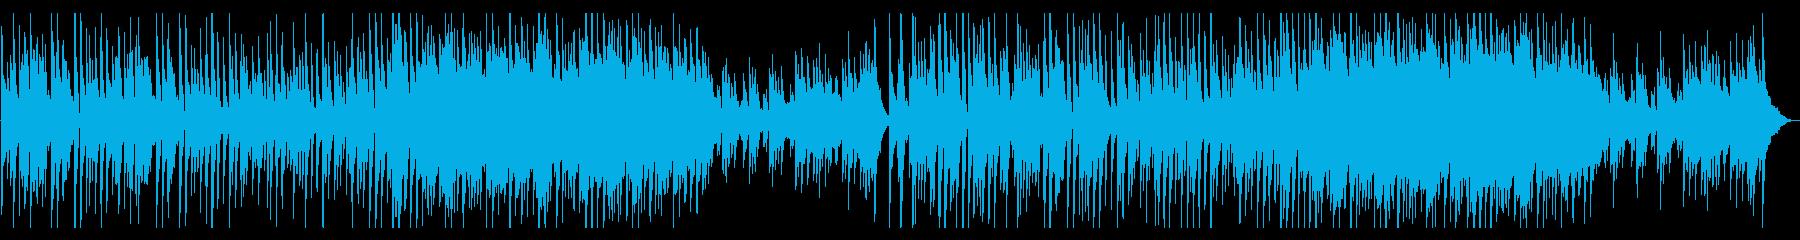 エレガントでジャズタッチなピアノポップの再生済みの波形